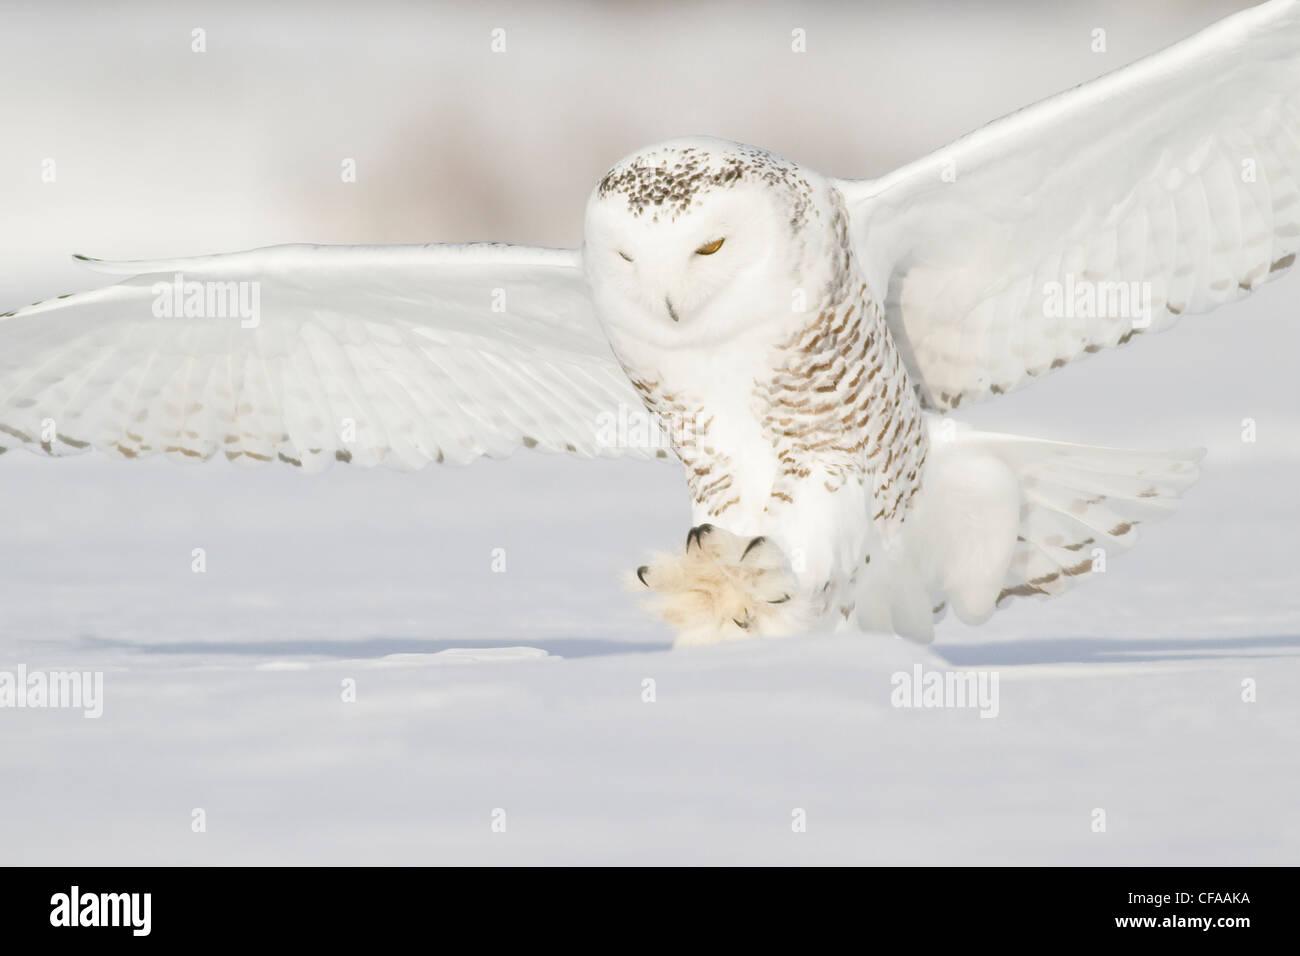 Le harfang des neiges (Bubo scandiacus) de chasser une proie en hiver. Photo Stock